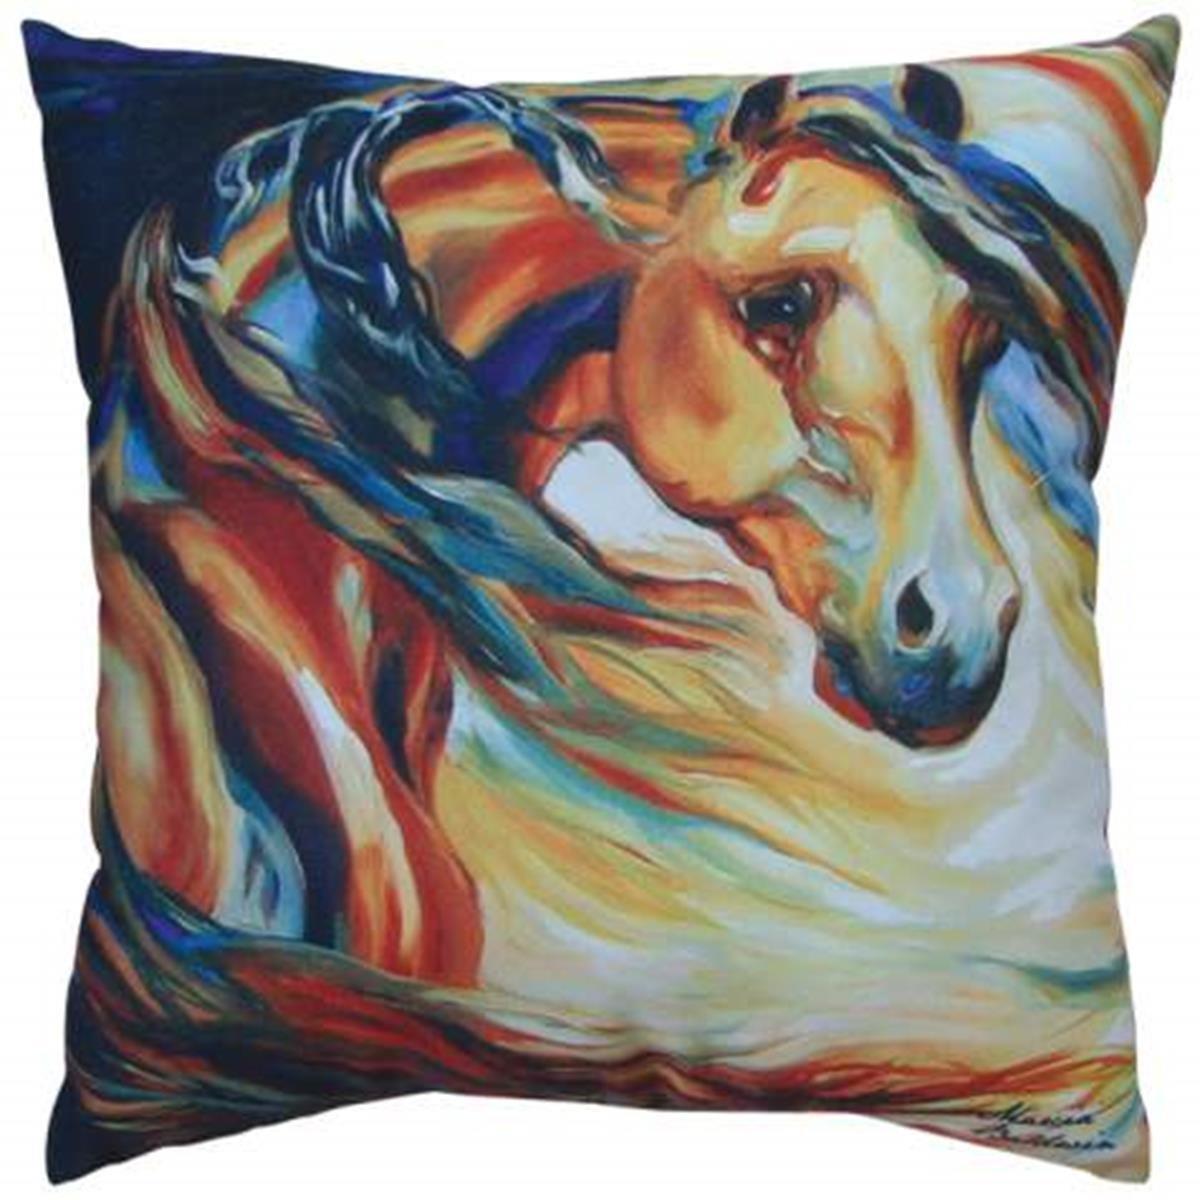 16 x 16 Inch Multicolored Wind Horse Design Sofa Pillow